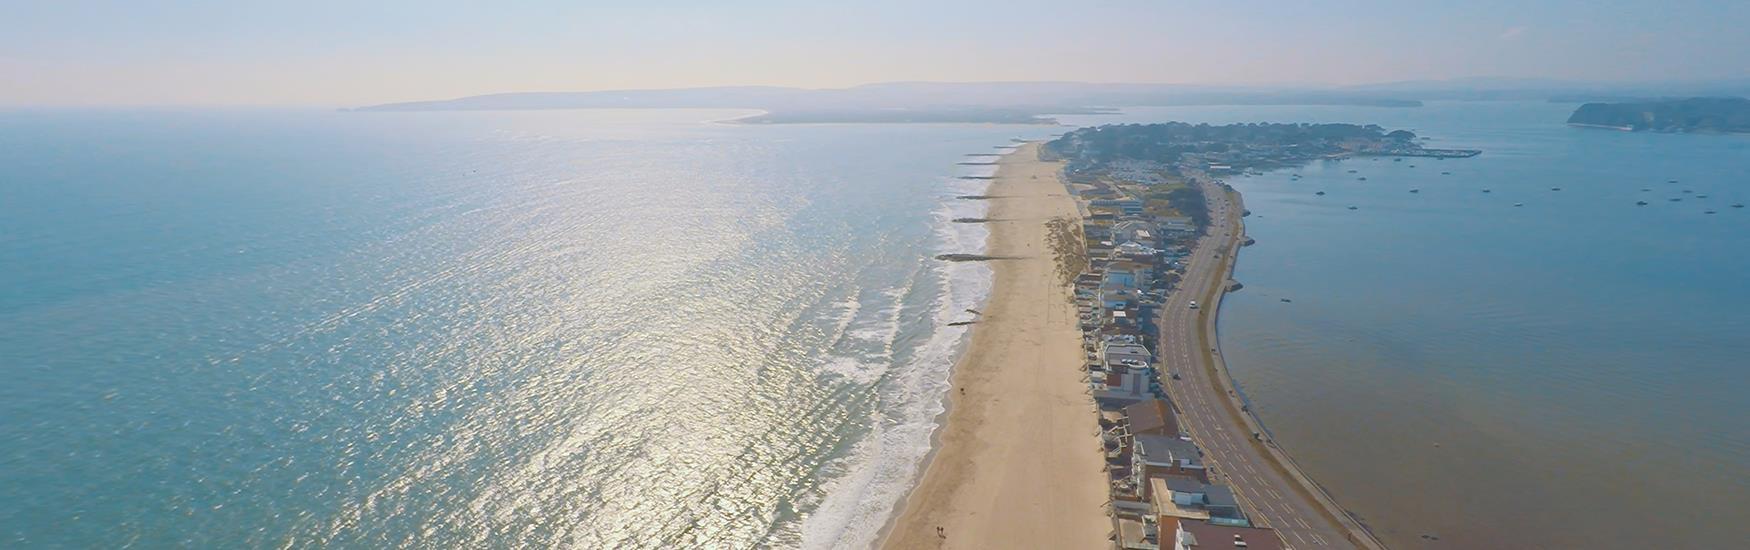 Sandbanks Aerial